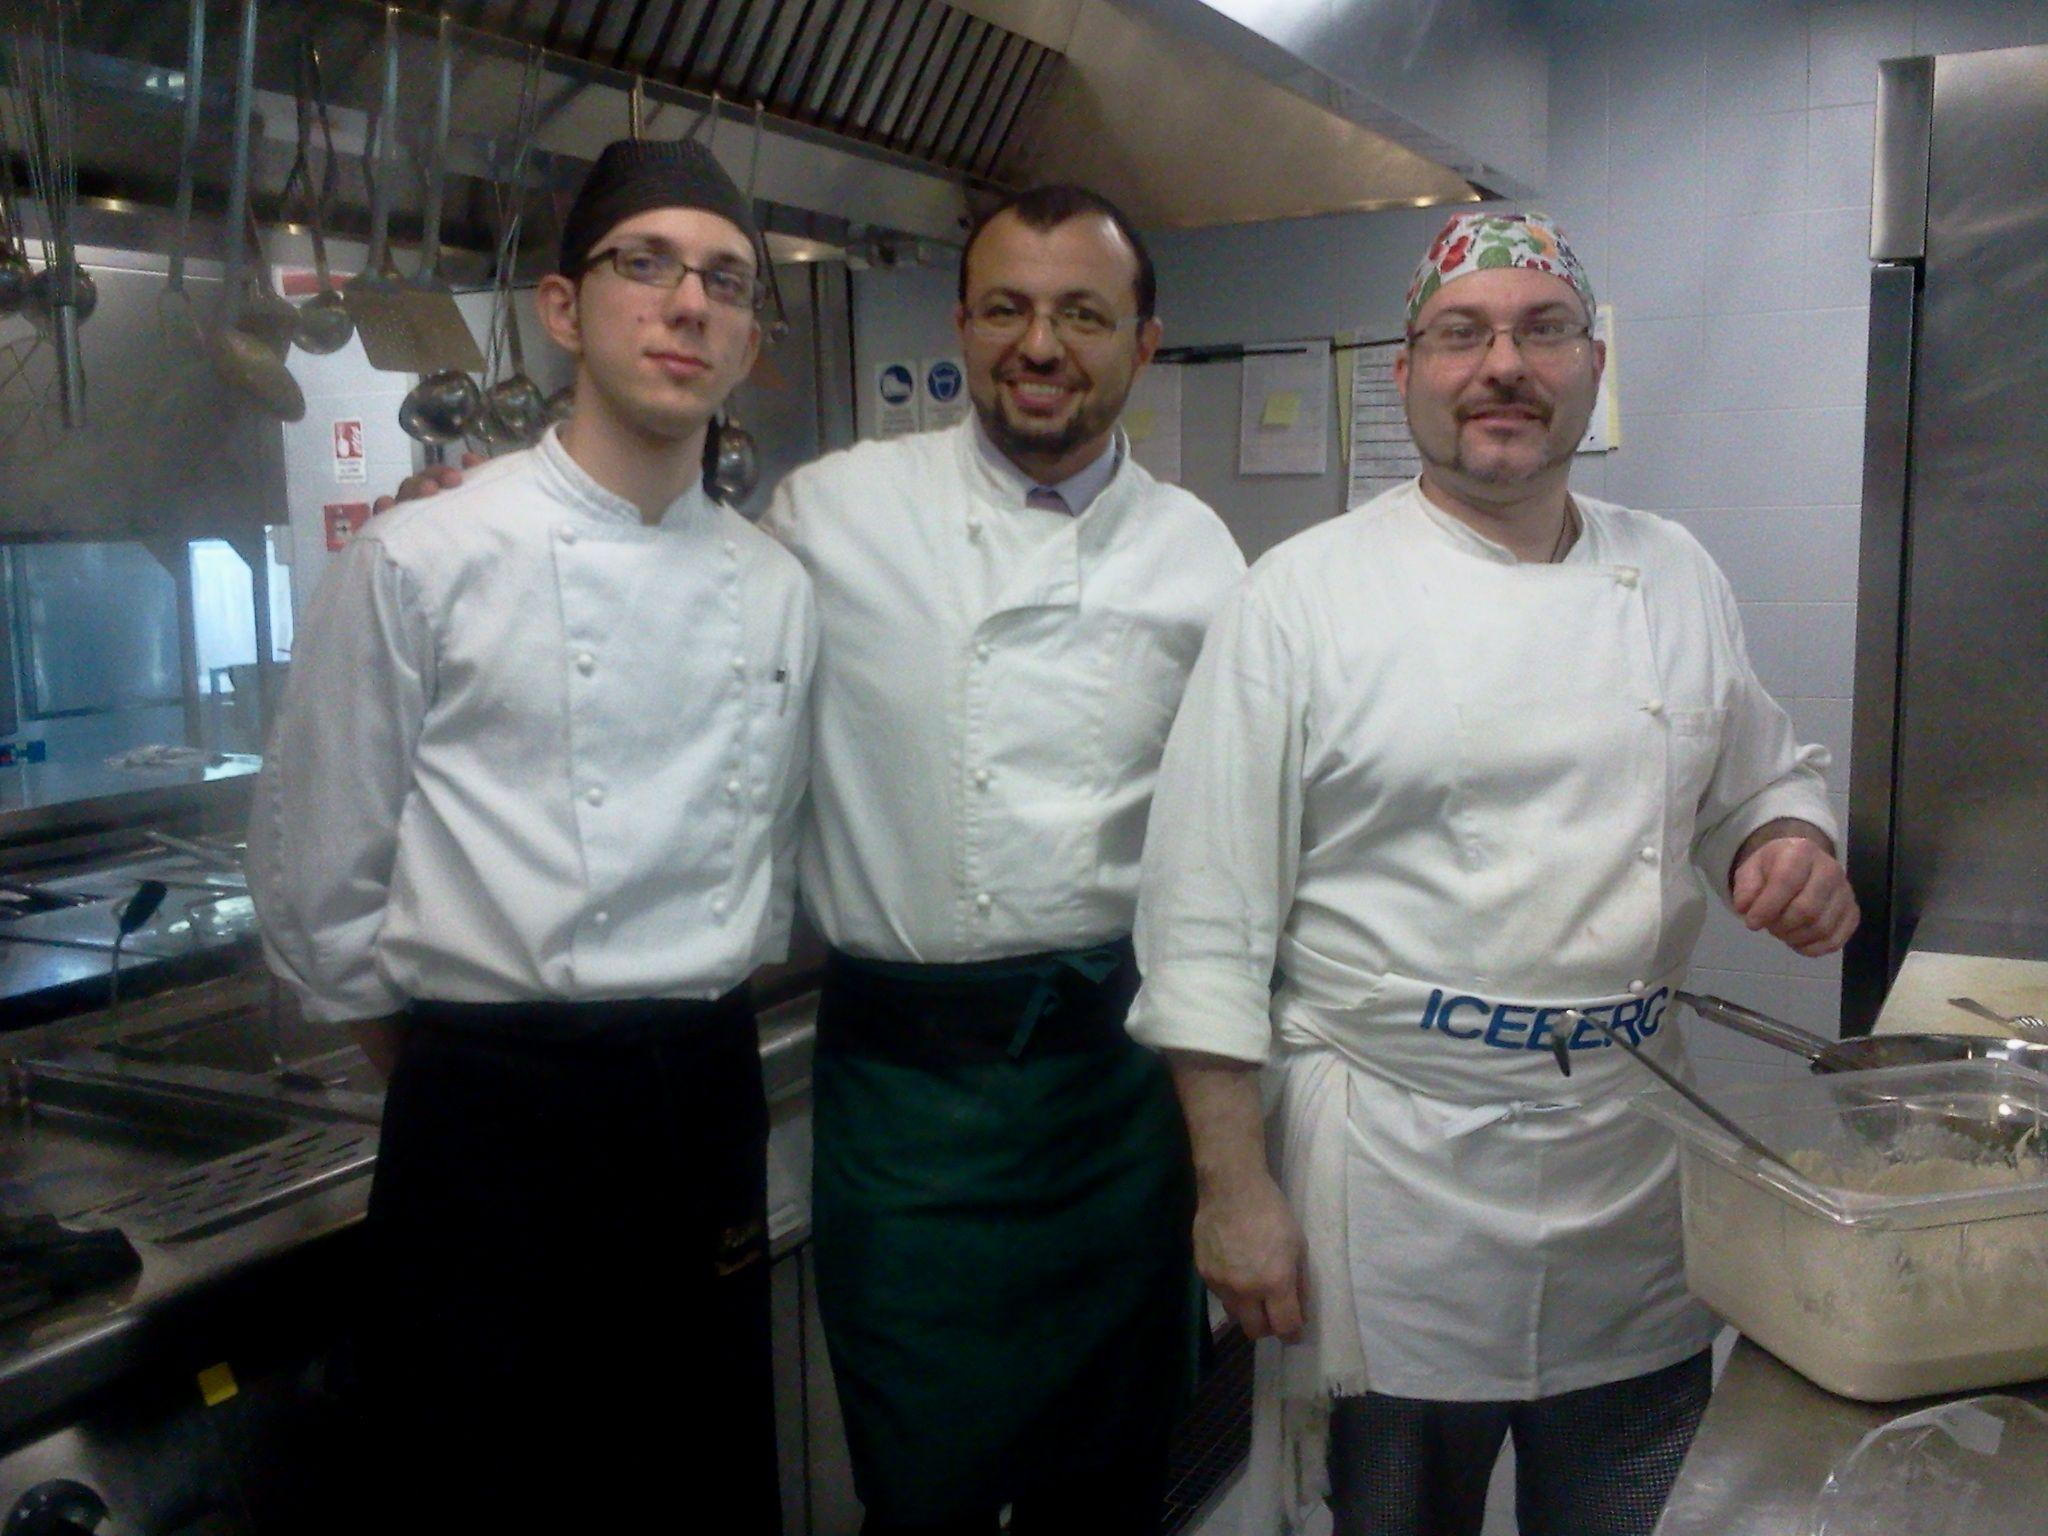 Il nostro direttore da il suo contributo culinario per la serata araba di oggi... #cucina